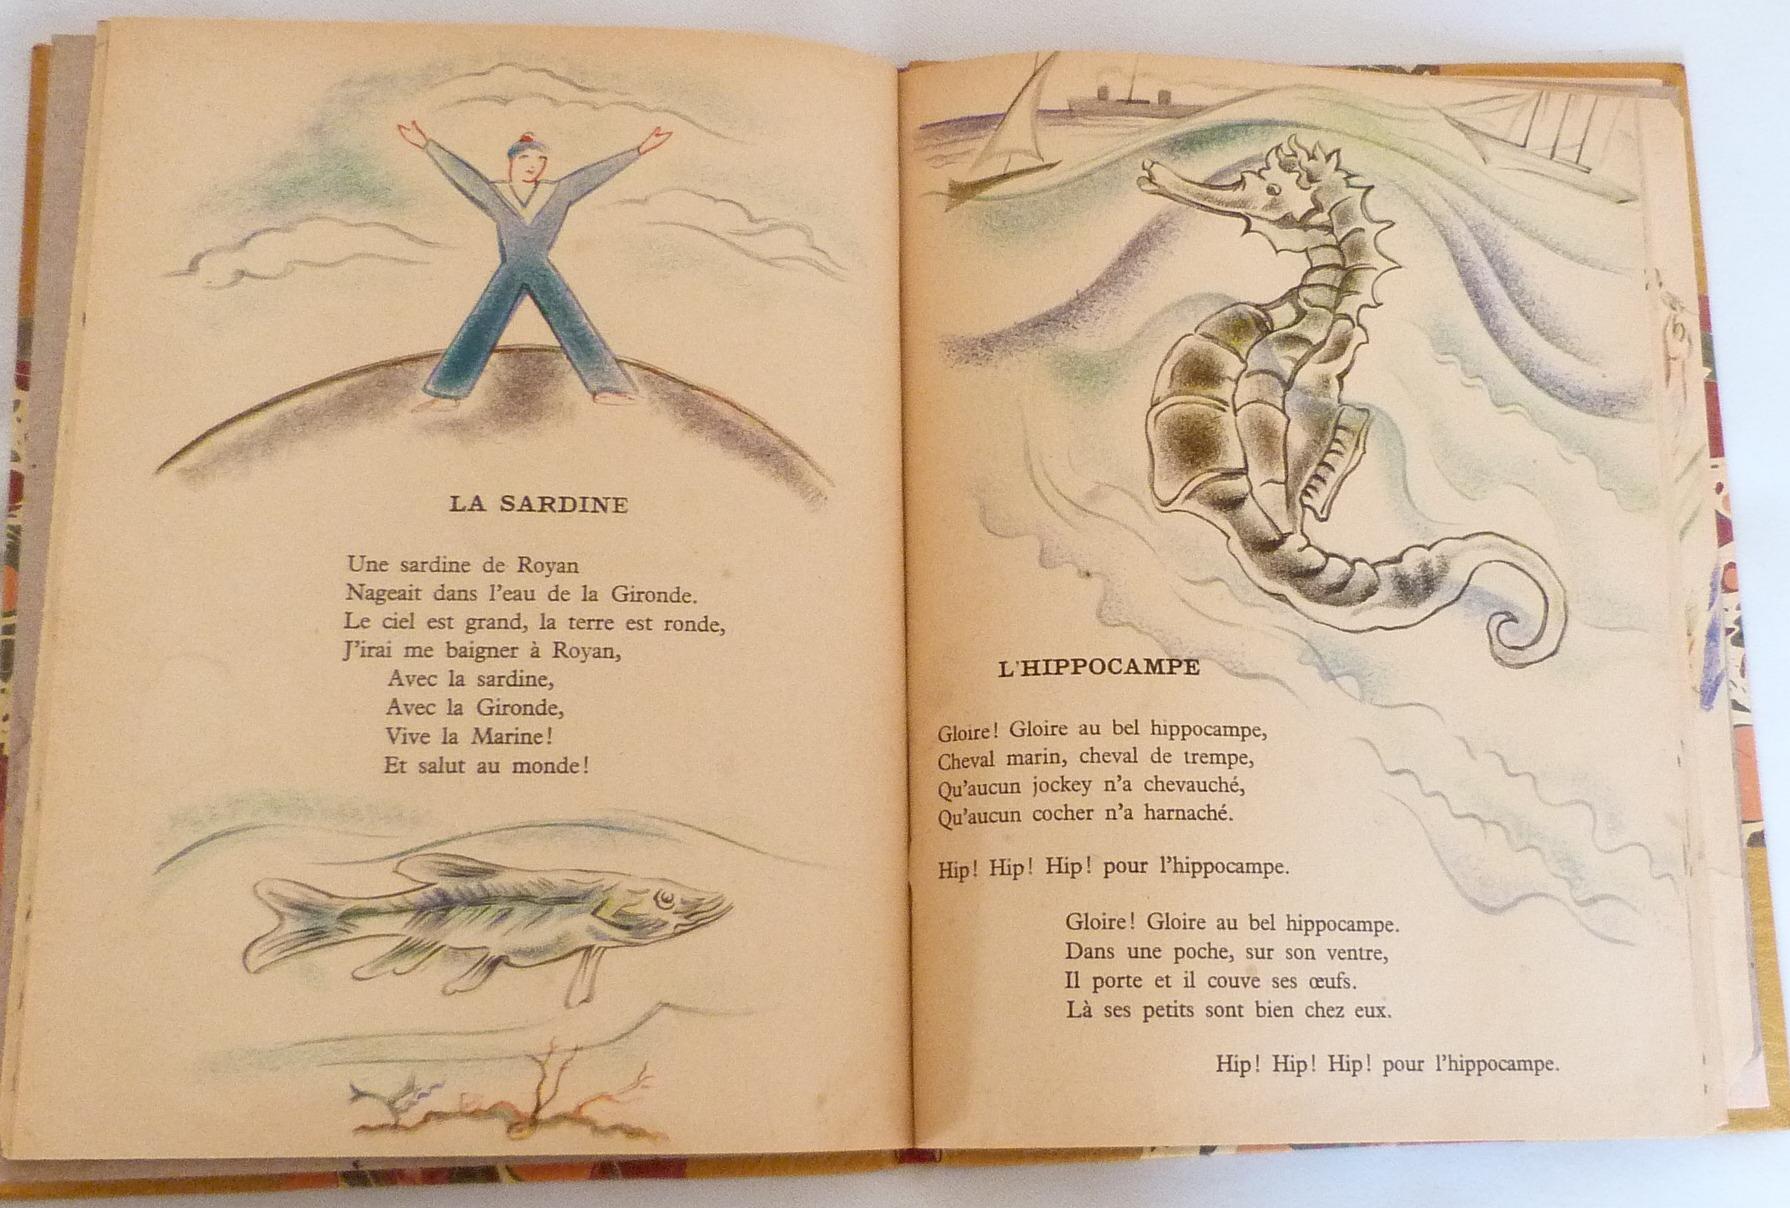 Trente chantefables de Robert Desnos : La sardine et l'hippocampe